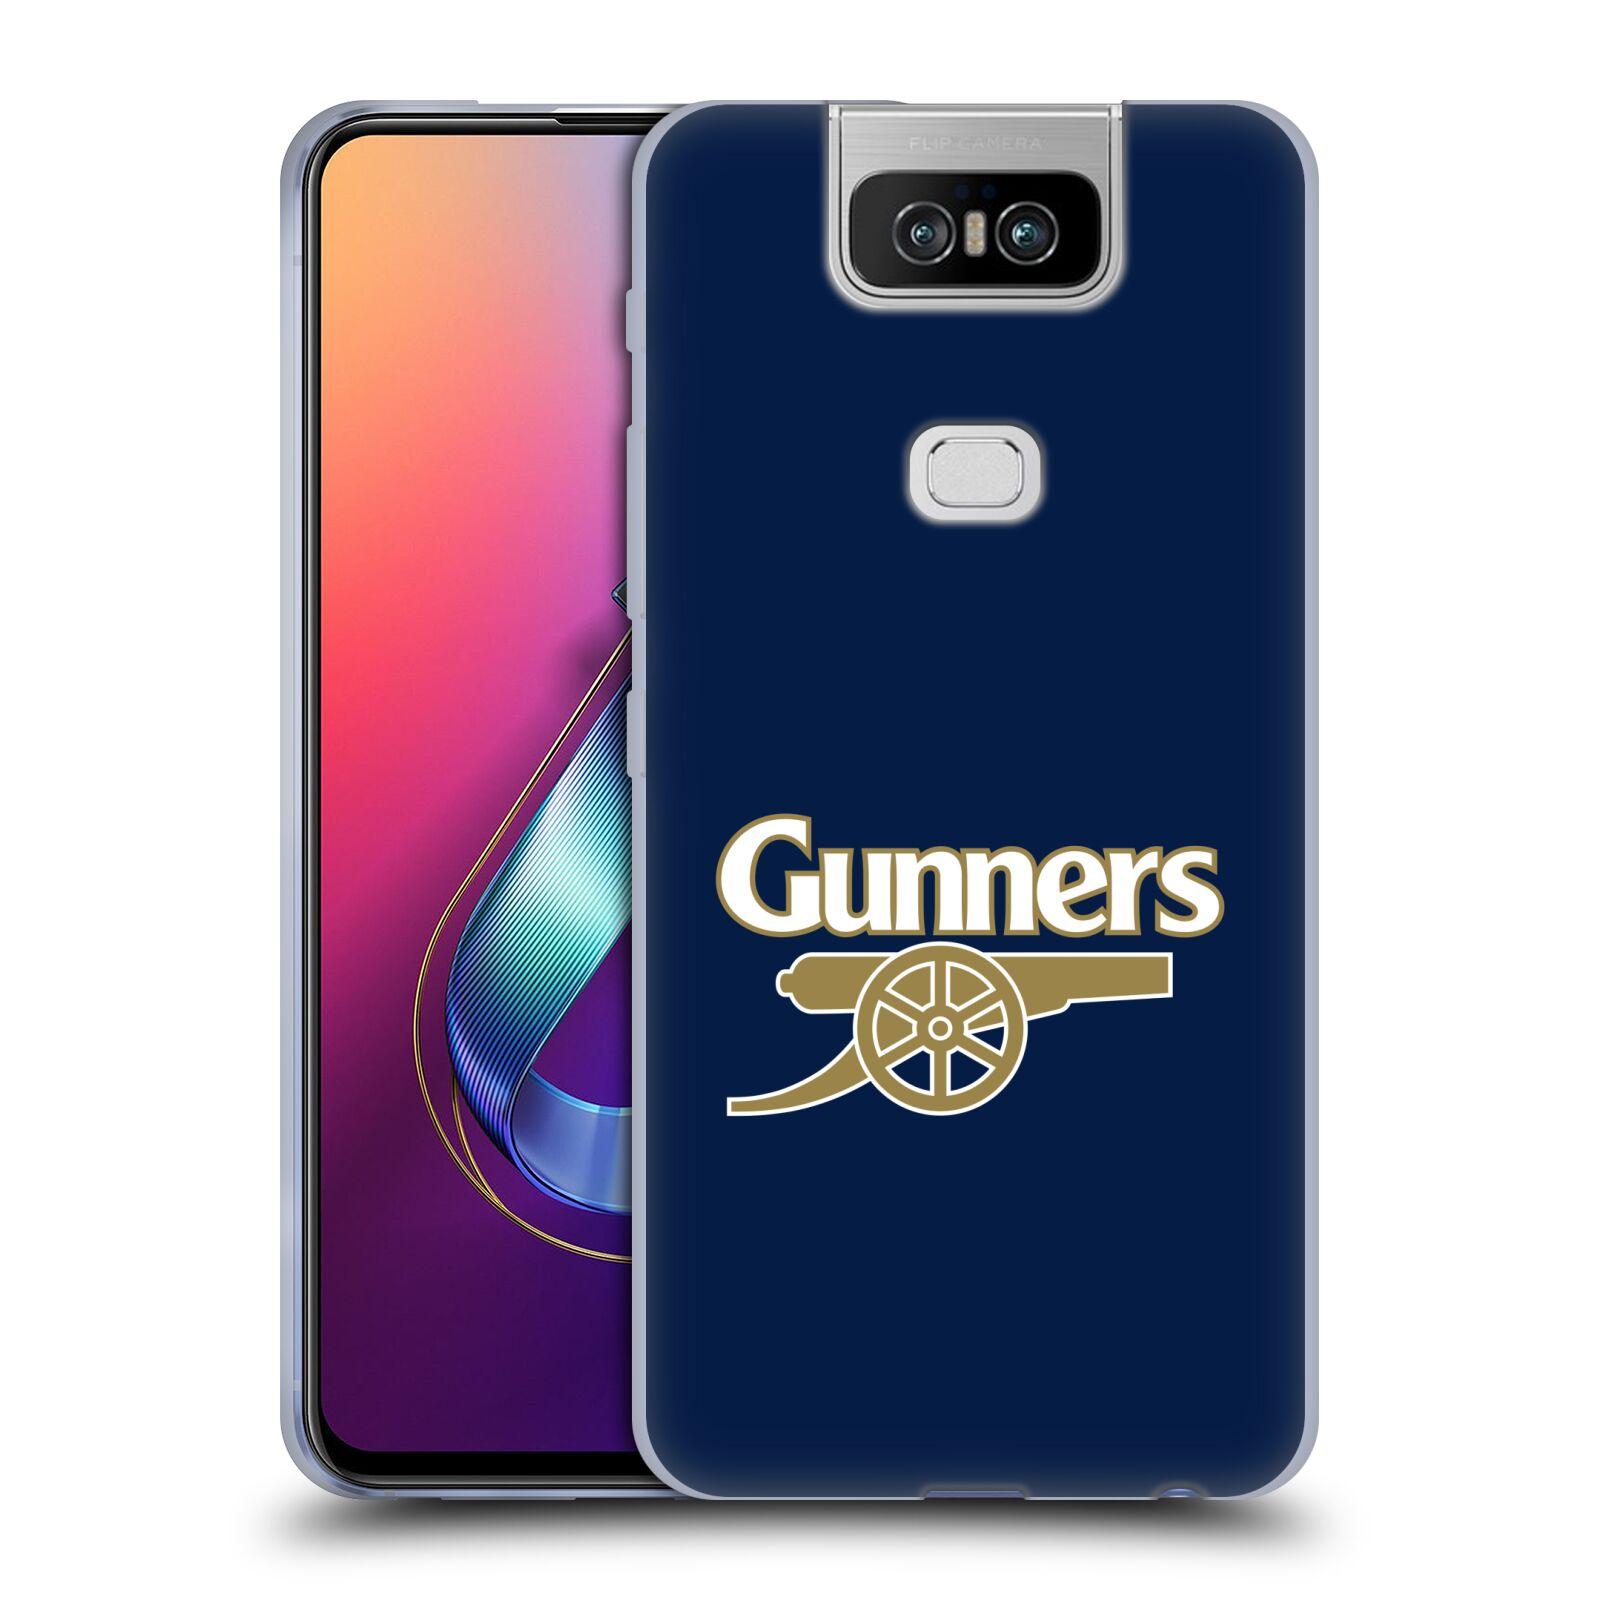 Silikonové pouzdro na mobil Asus Zenfone 6 ZS630KL - Head Case - Arsenal FC - Gunners